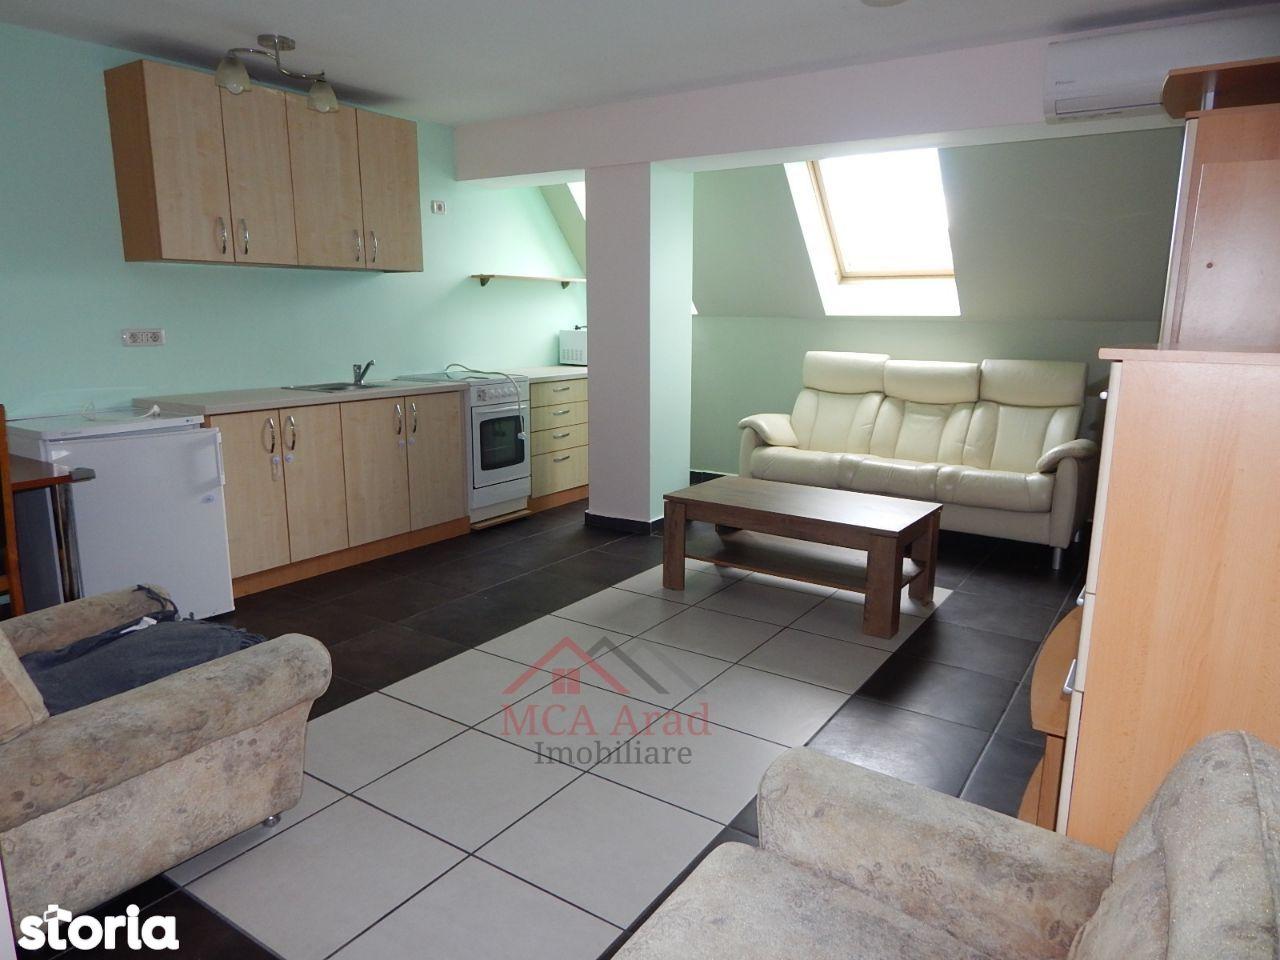 Apartament 2 camere zona Vlaicu bloc nou - ID MCA1063